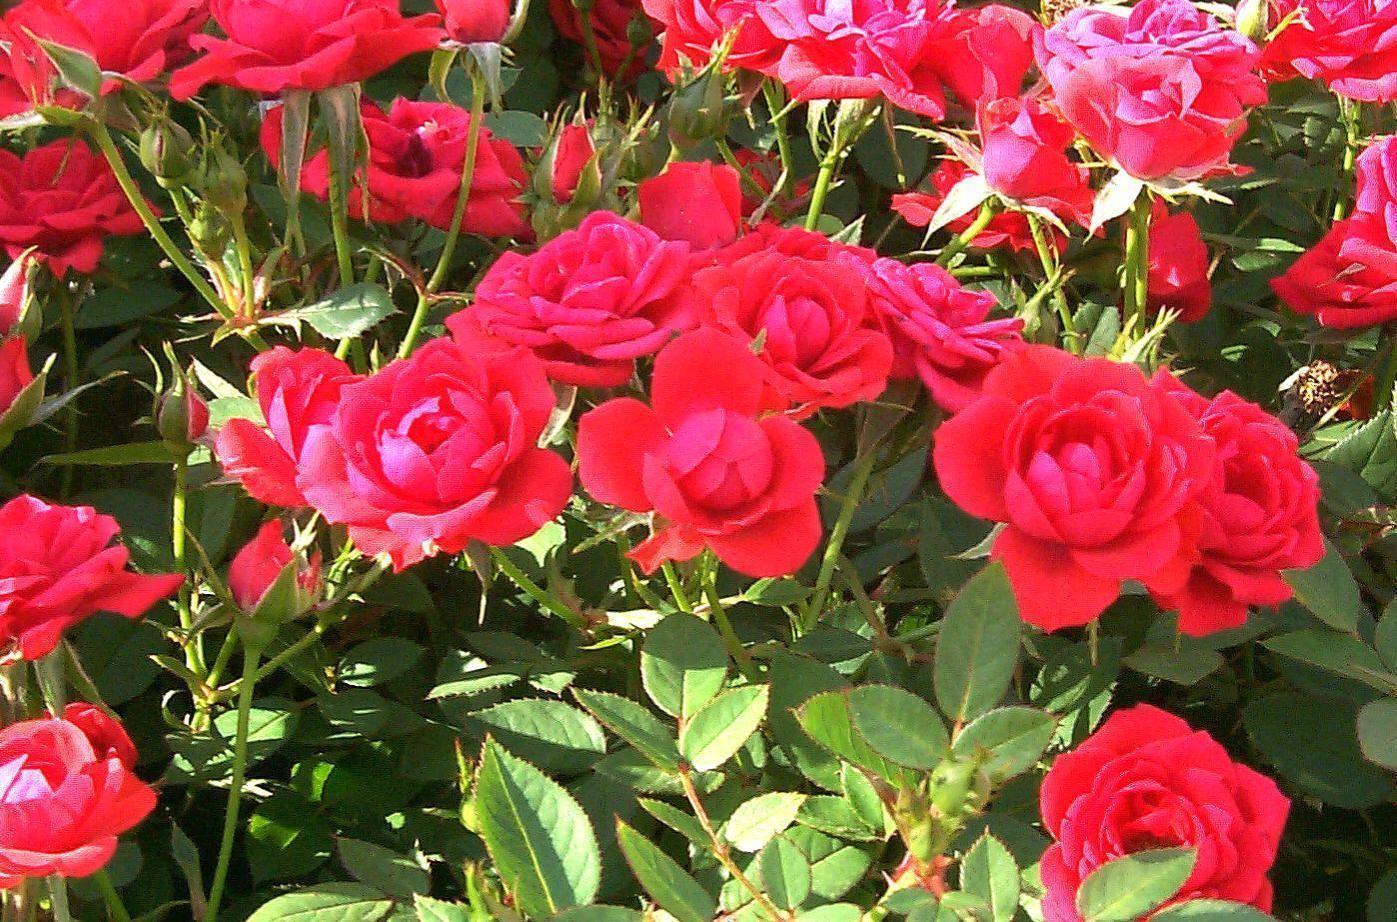 Rose Garden Wallpapers - Wallpaper Cave White Rose Flower Garden Wallpaper